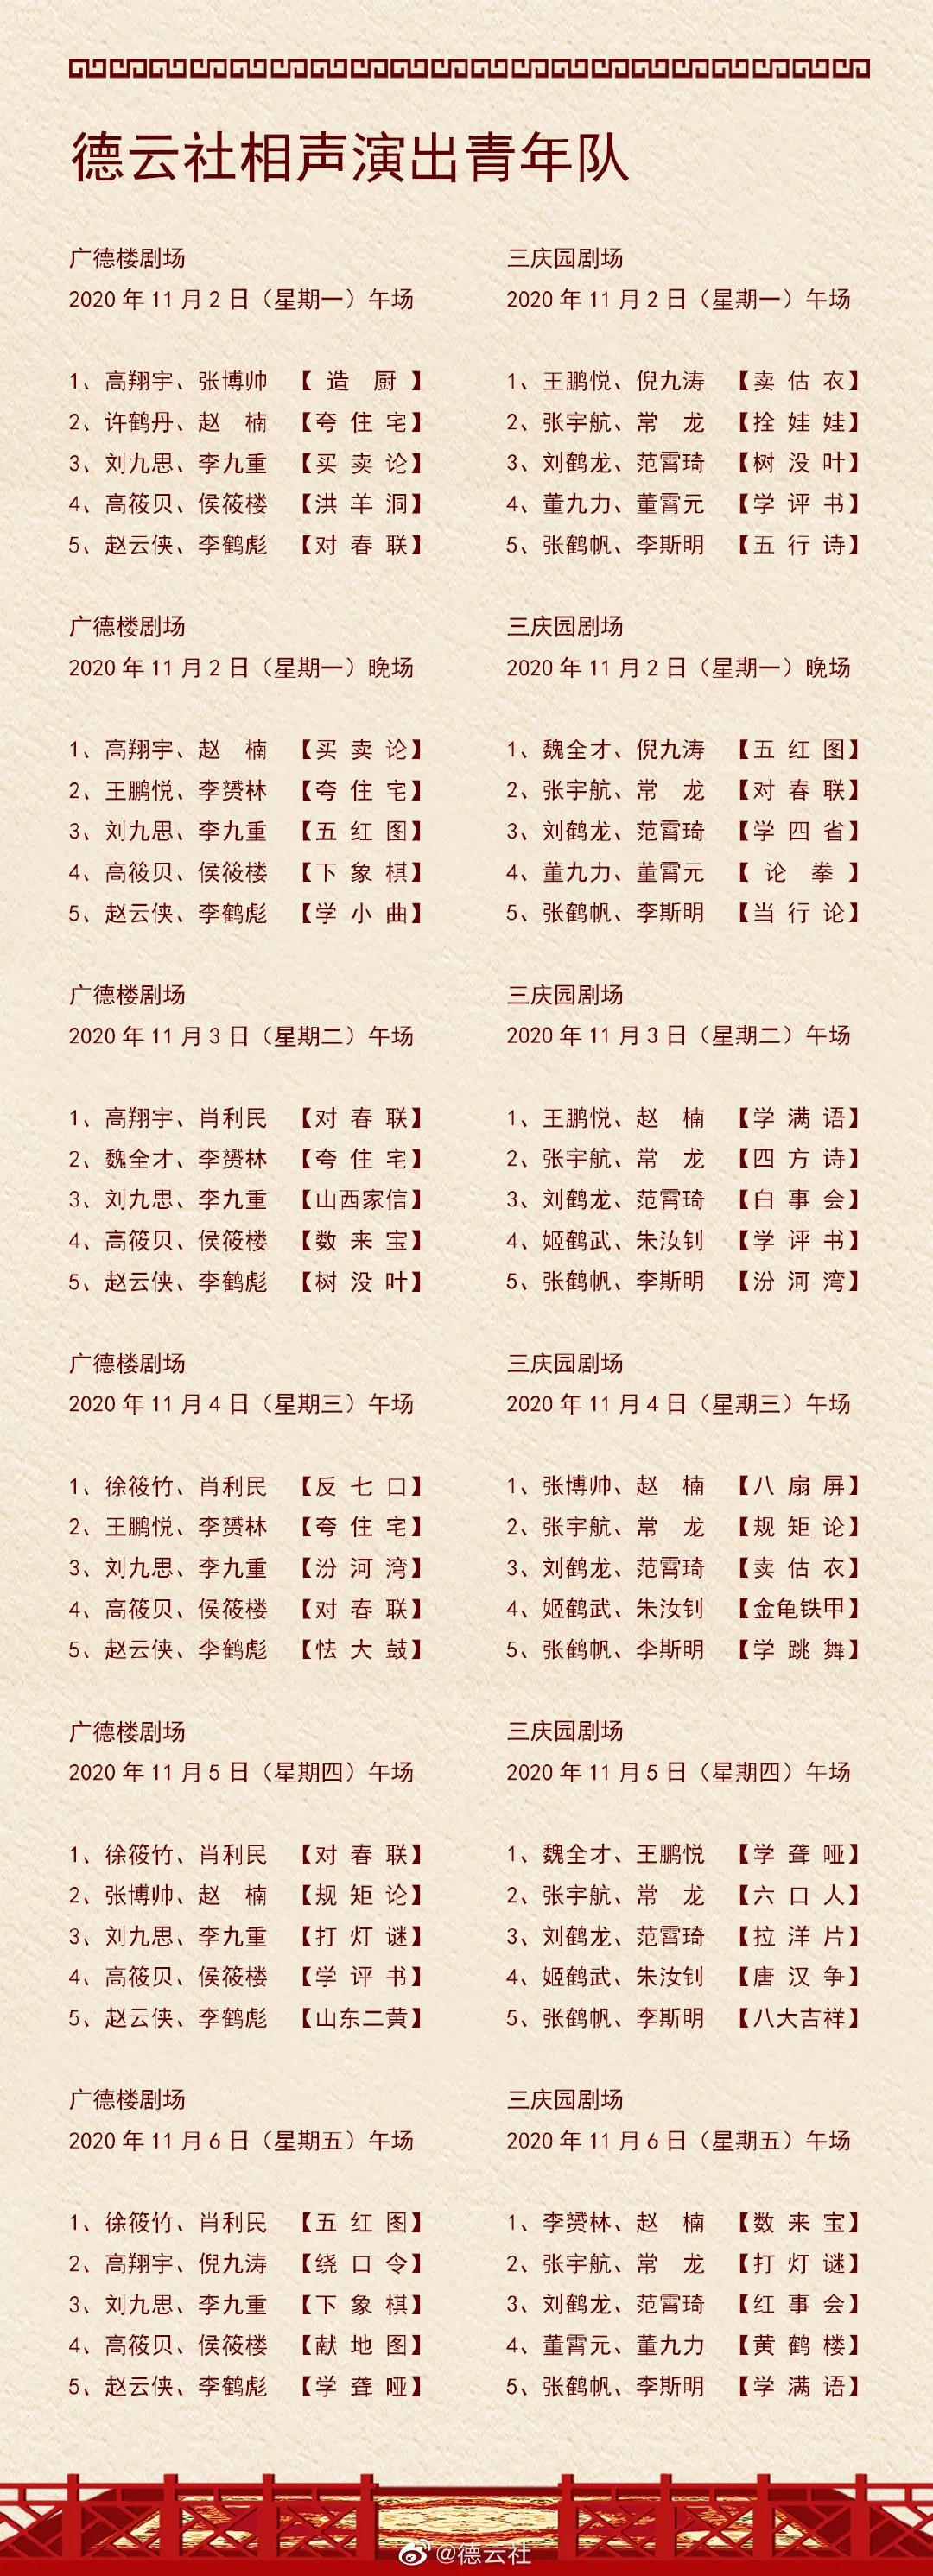 德云社演出节目单(11月2号—11月8号)